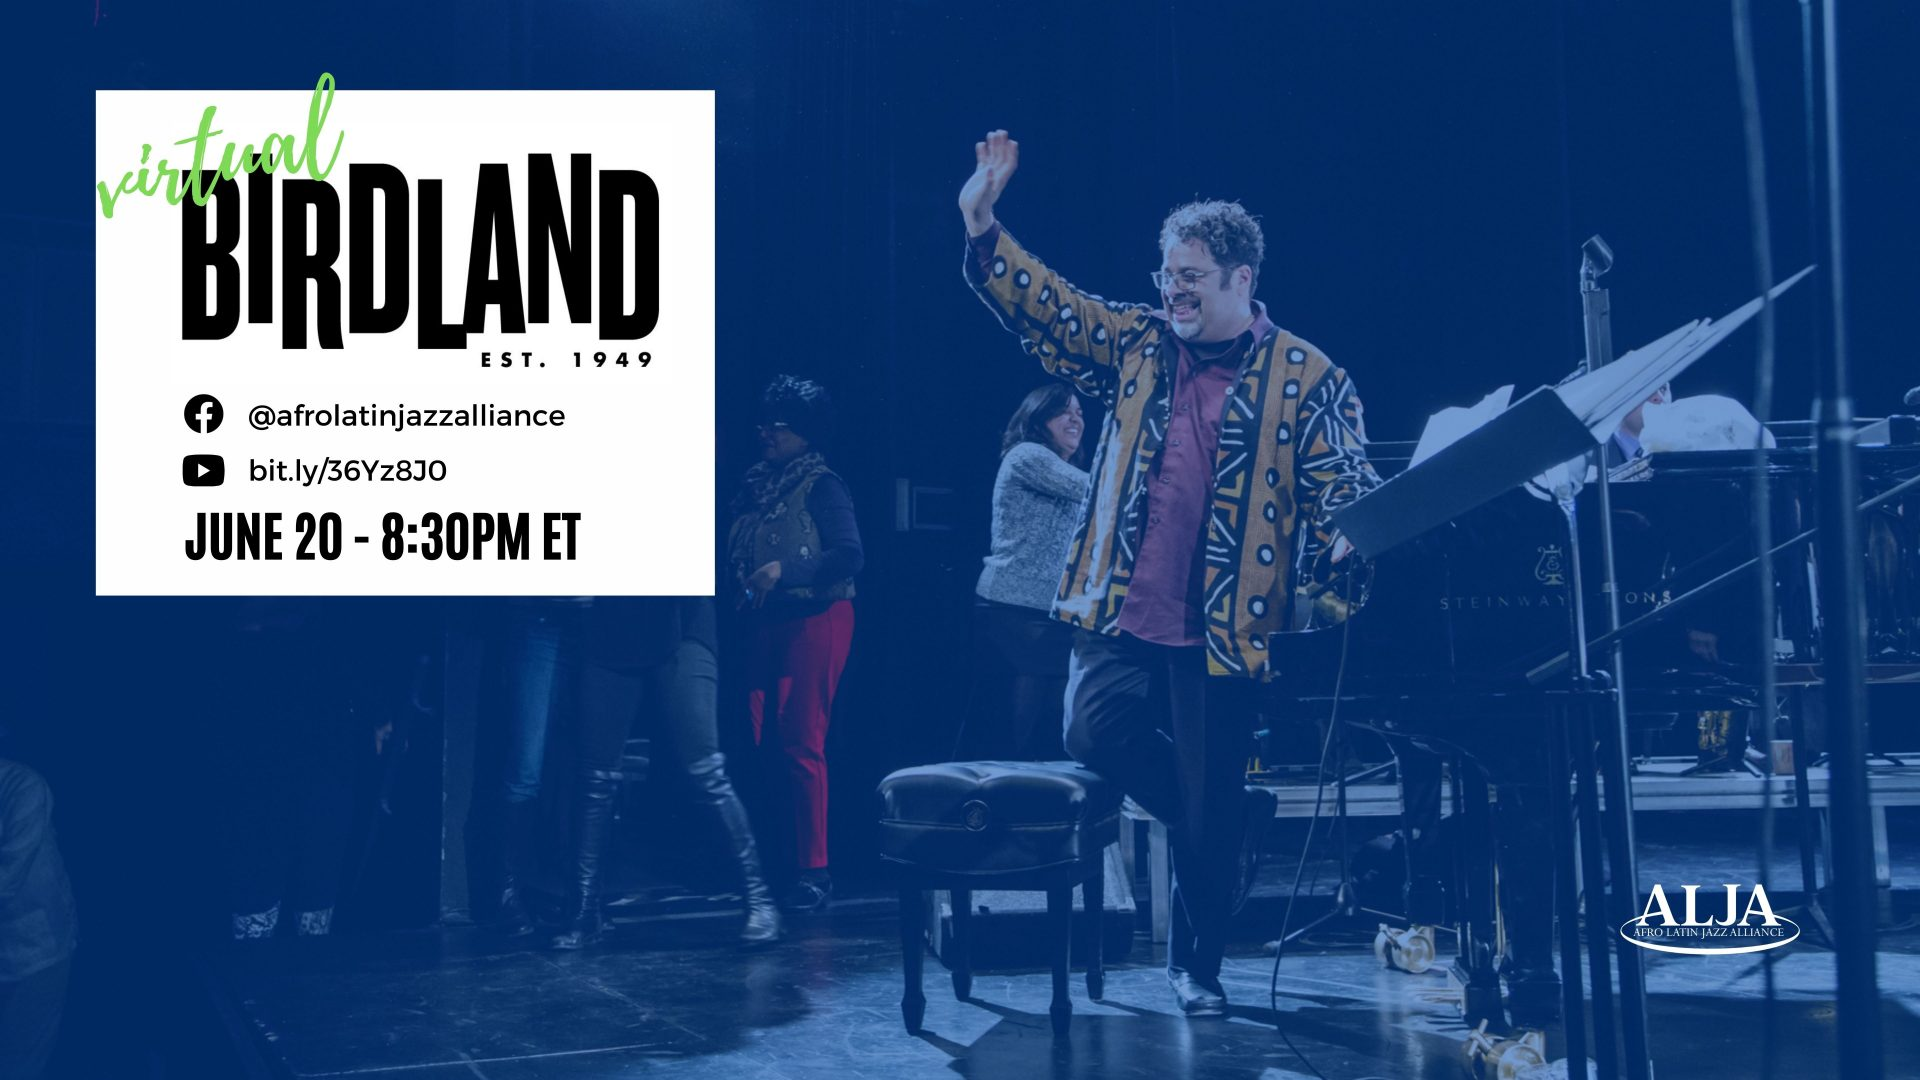 Virtual BirdlandArturo O'Farrill + Afro Latin Jazz OrchestraSunday, June 20, 2021 @ 8:30 pm ET | 5:30 pm PT